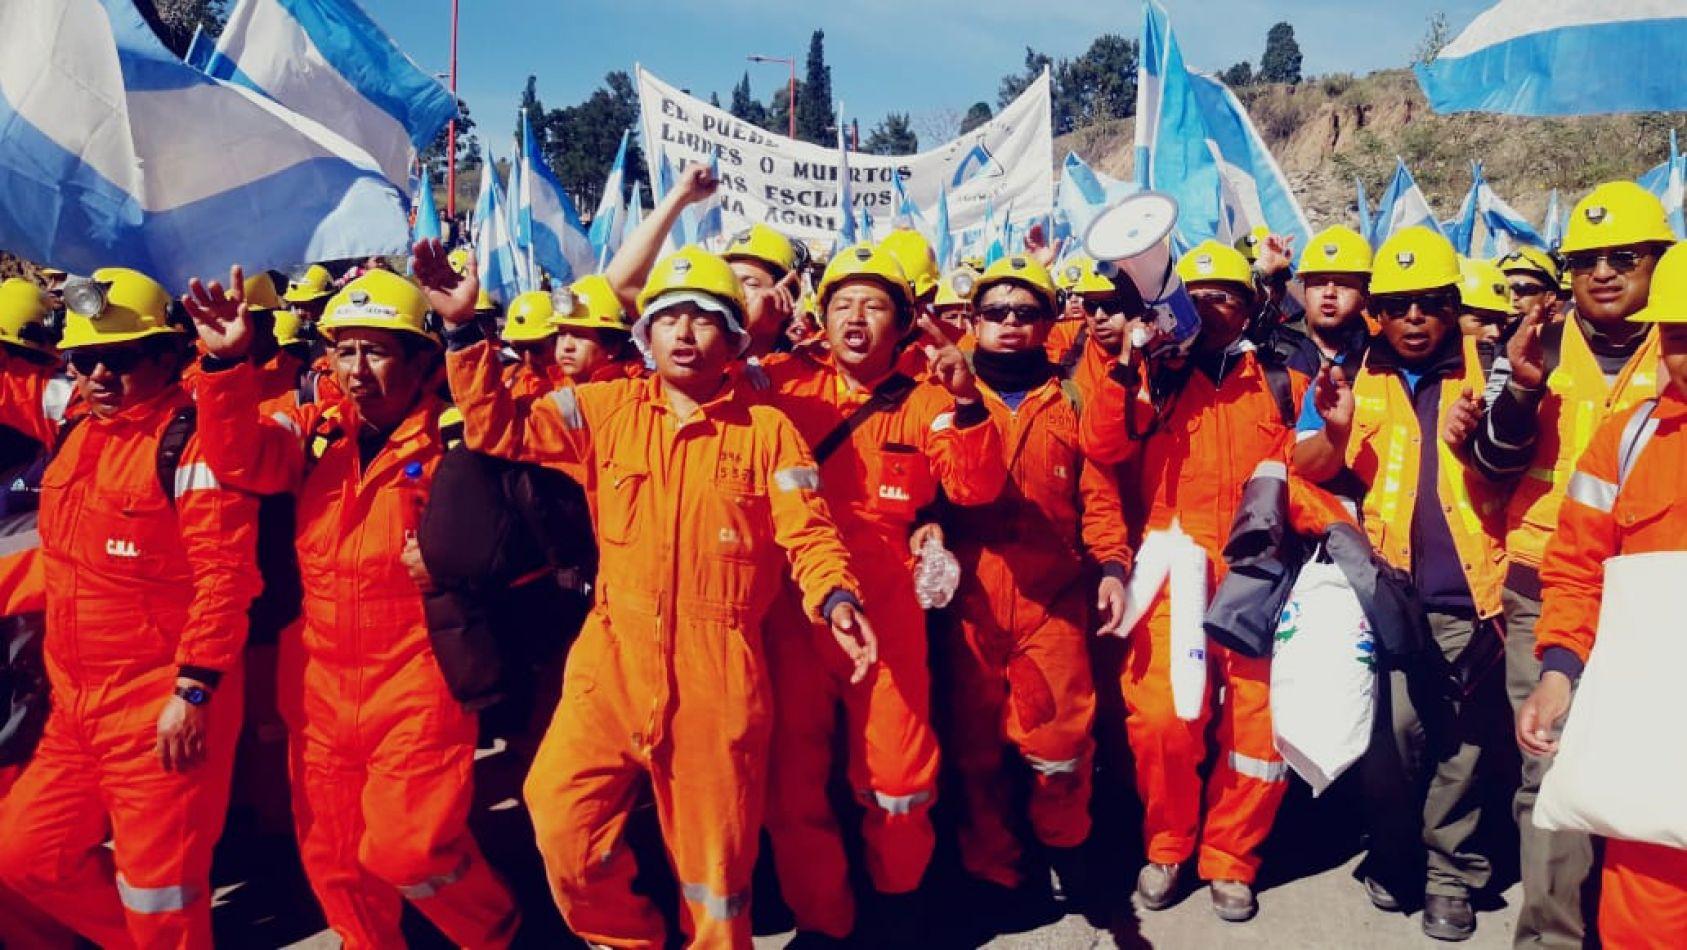 Ex Mineros repudiaron la presencia de las fuerzas de seguridad en Mina Aguilar